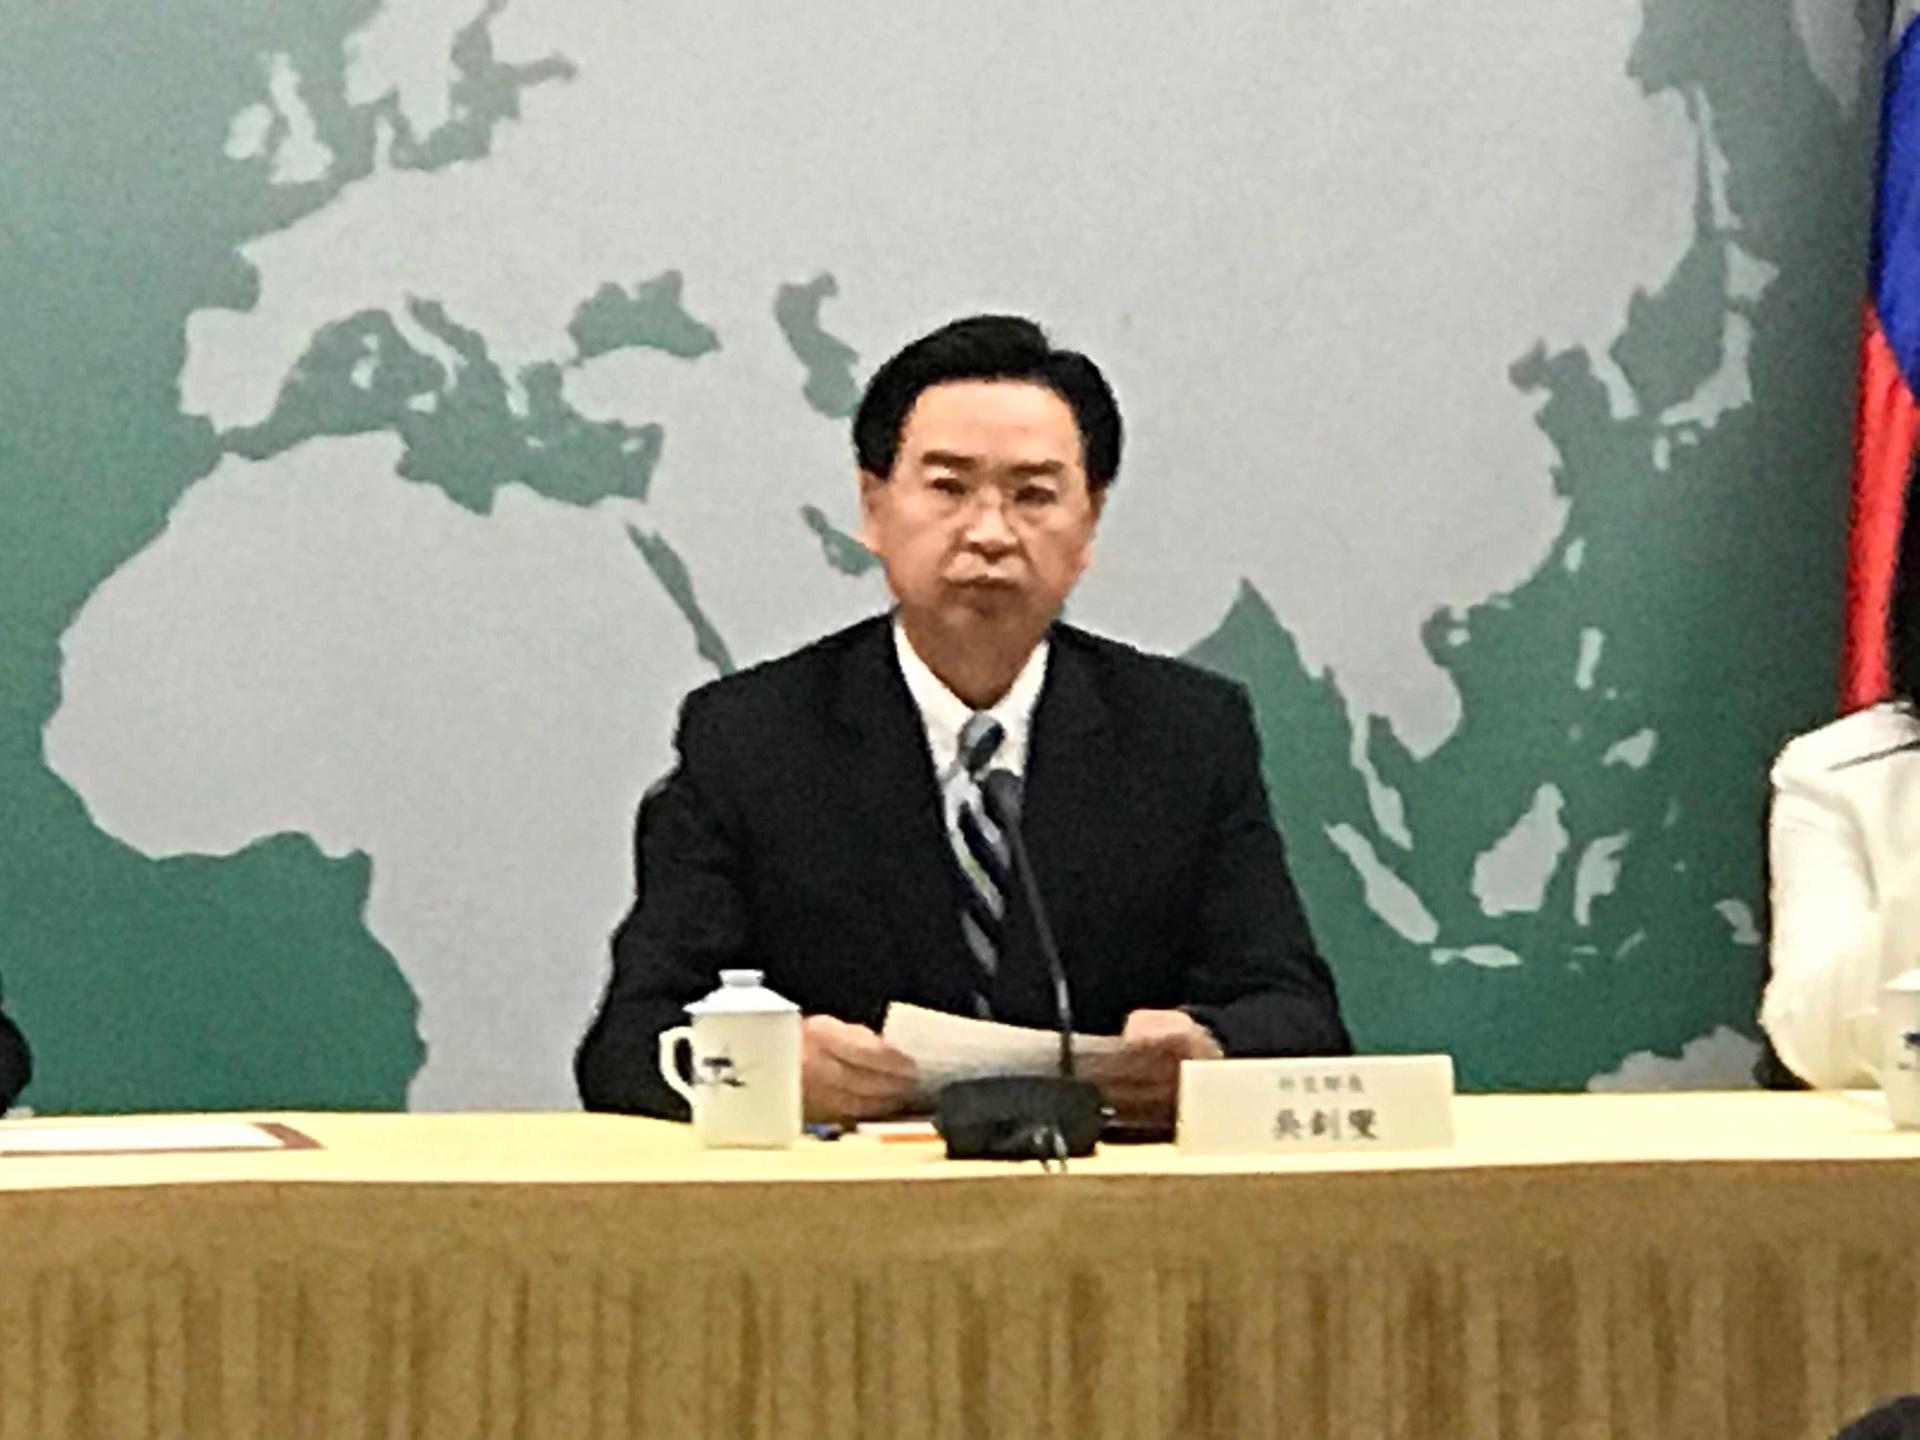 台外長:中共以欺騙手法奪取台灣邦交國